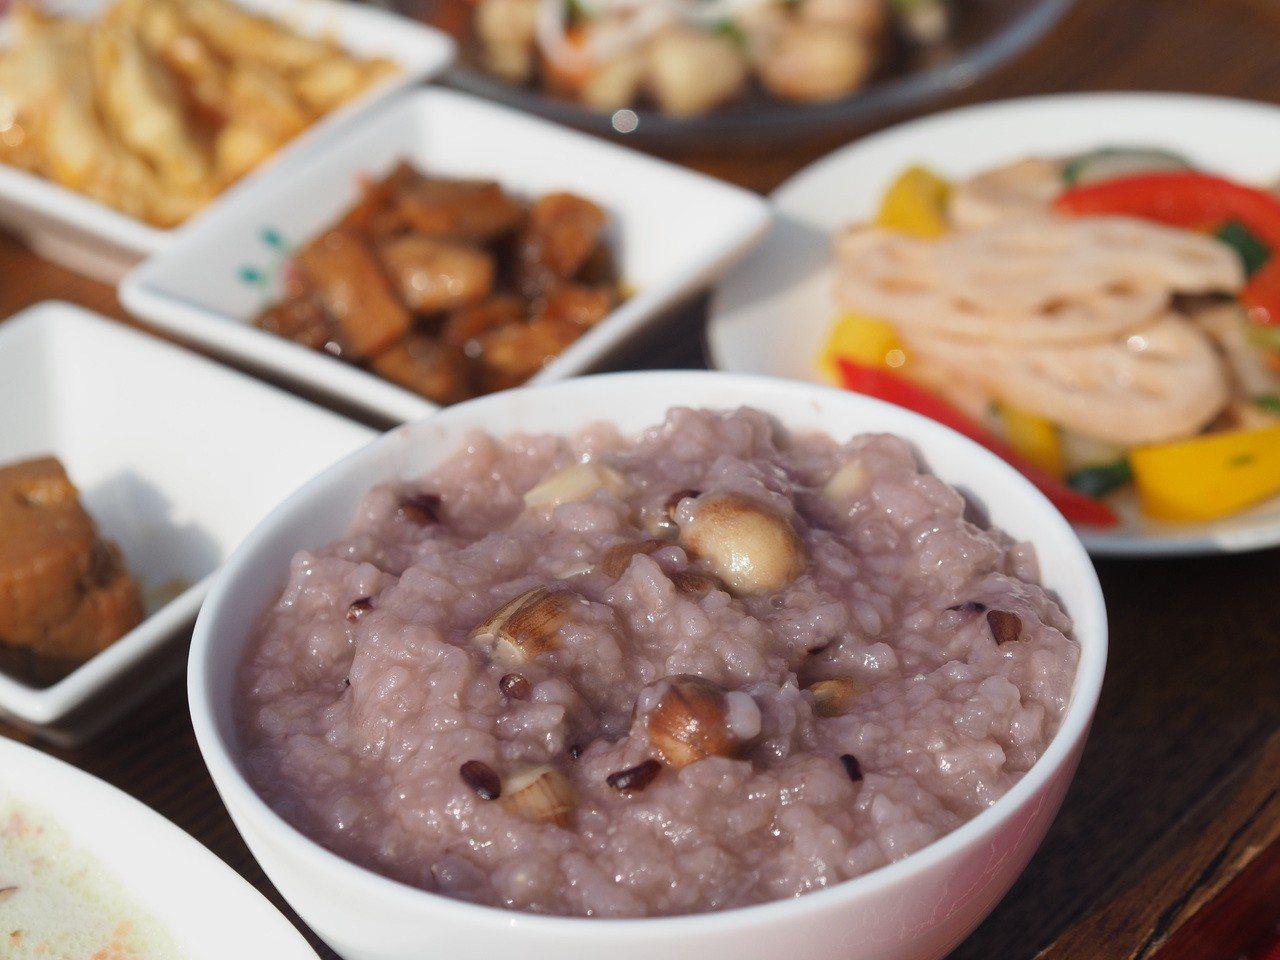 這季節到白河小旅行,可以嚐到最新鮮的蓮子餐。 朱家瑩/攝影